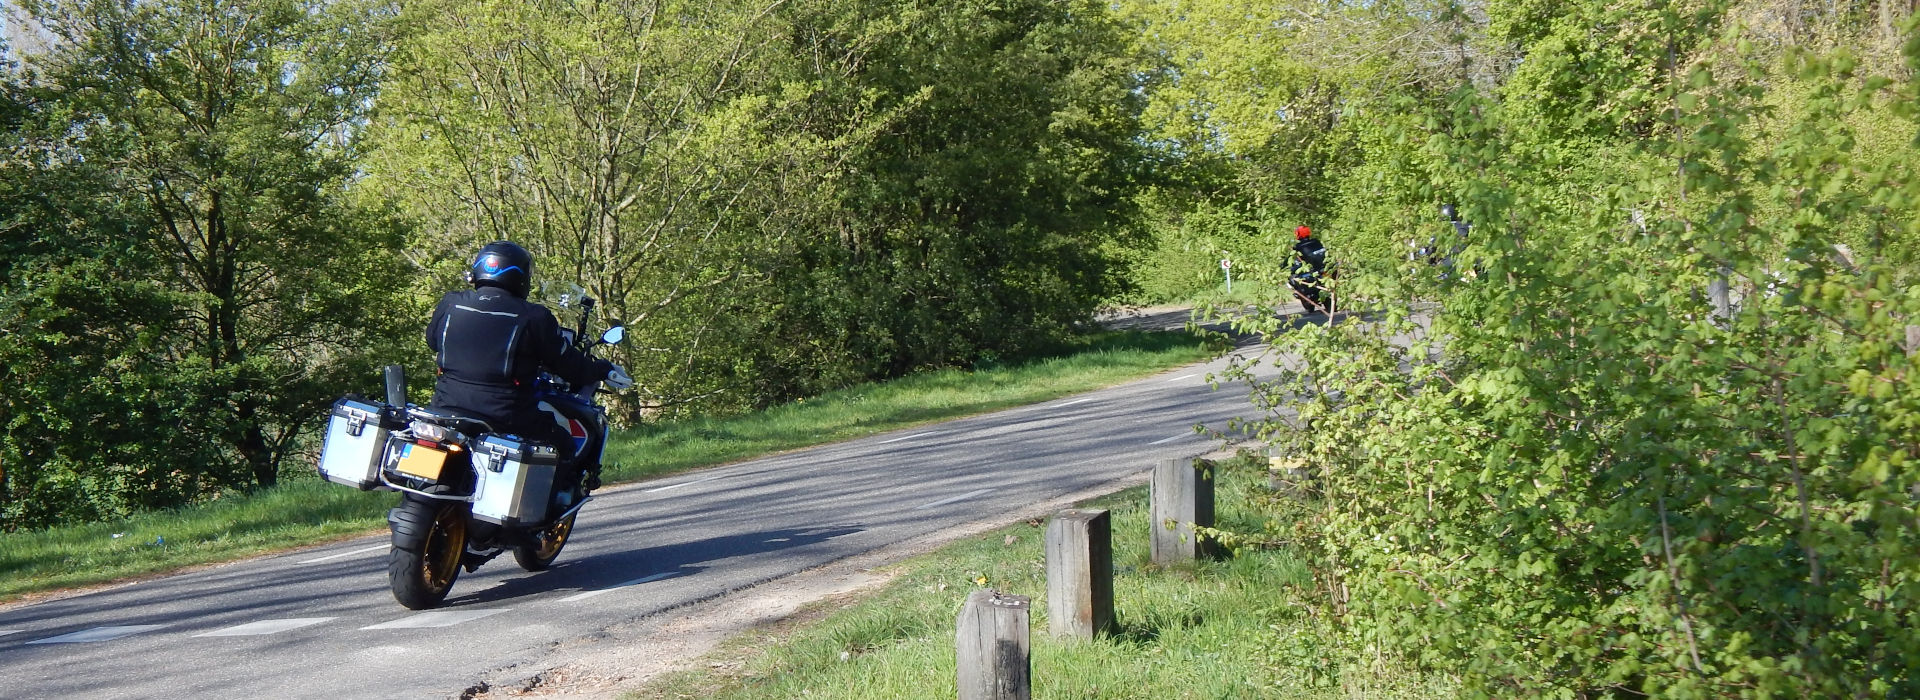 Motorrijschool Motorrijbewijspoint Papendrecht motorrijlessen